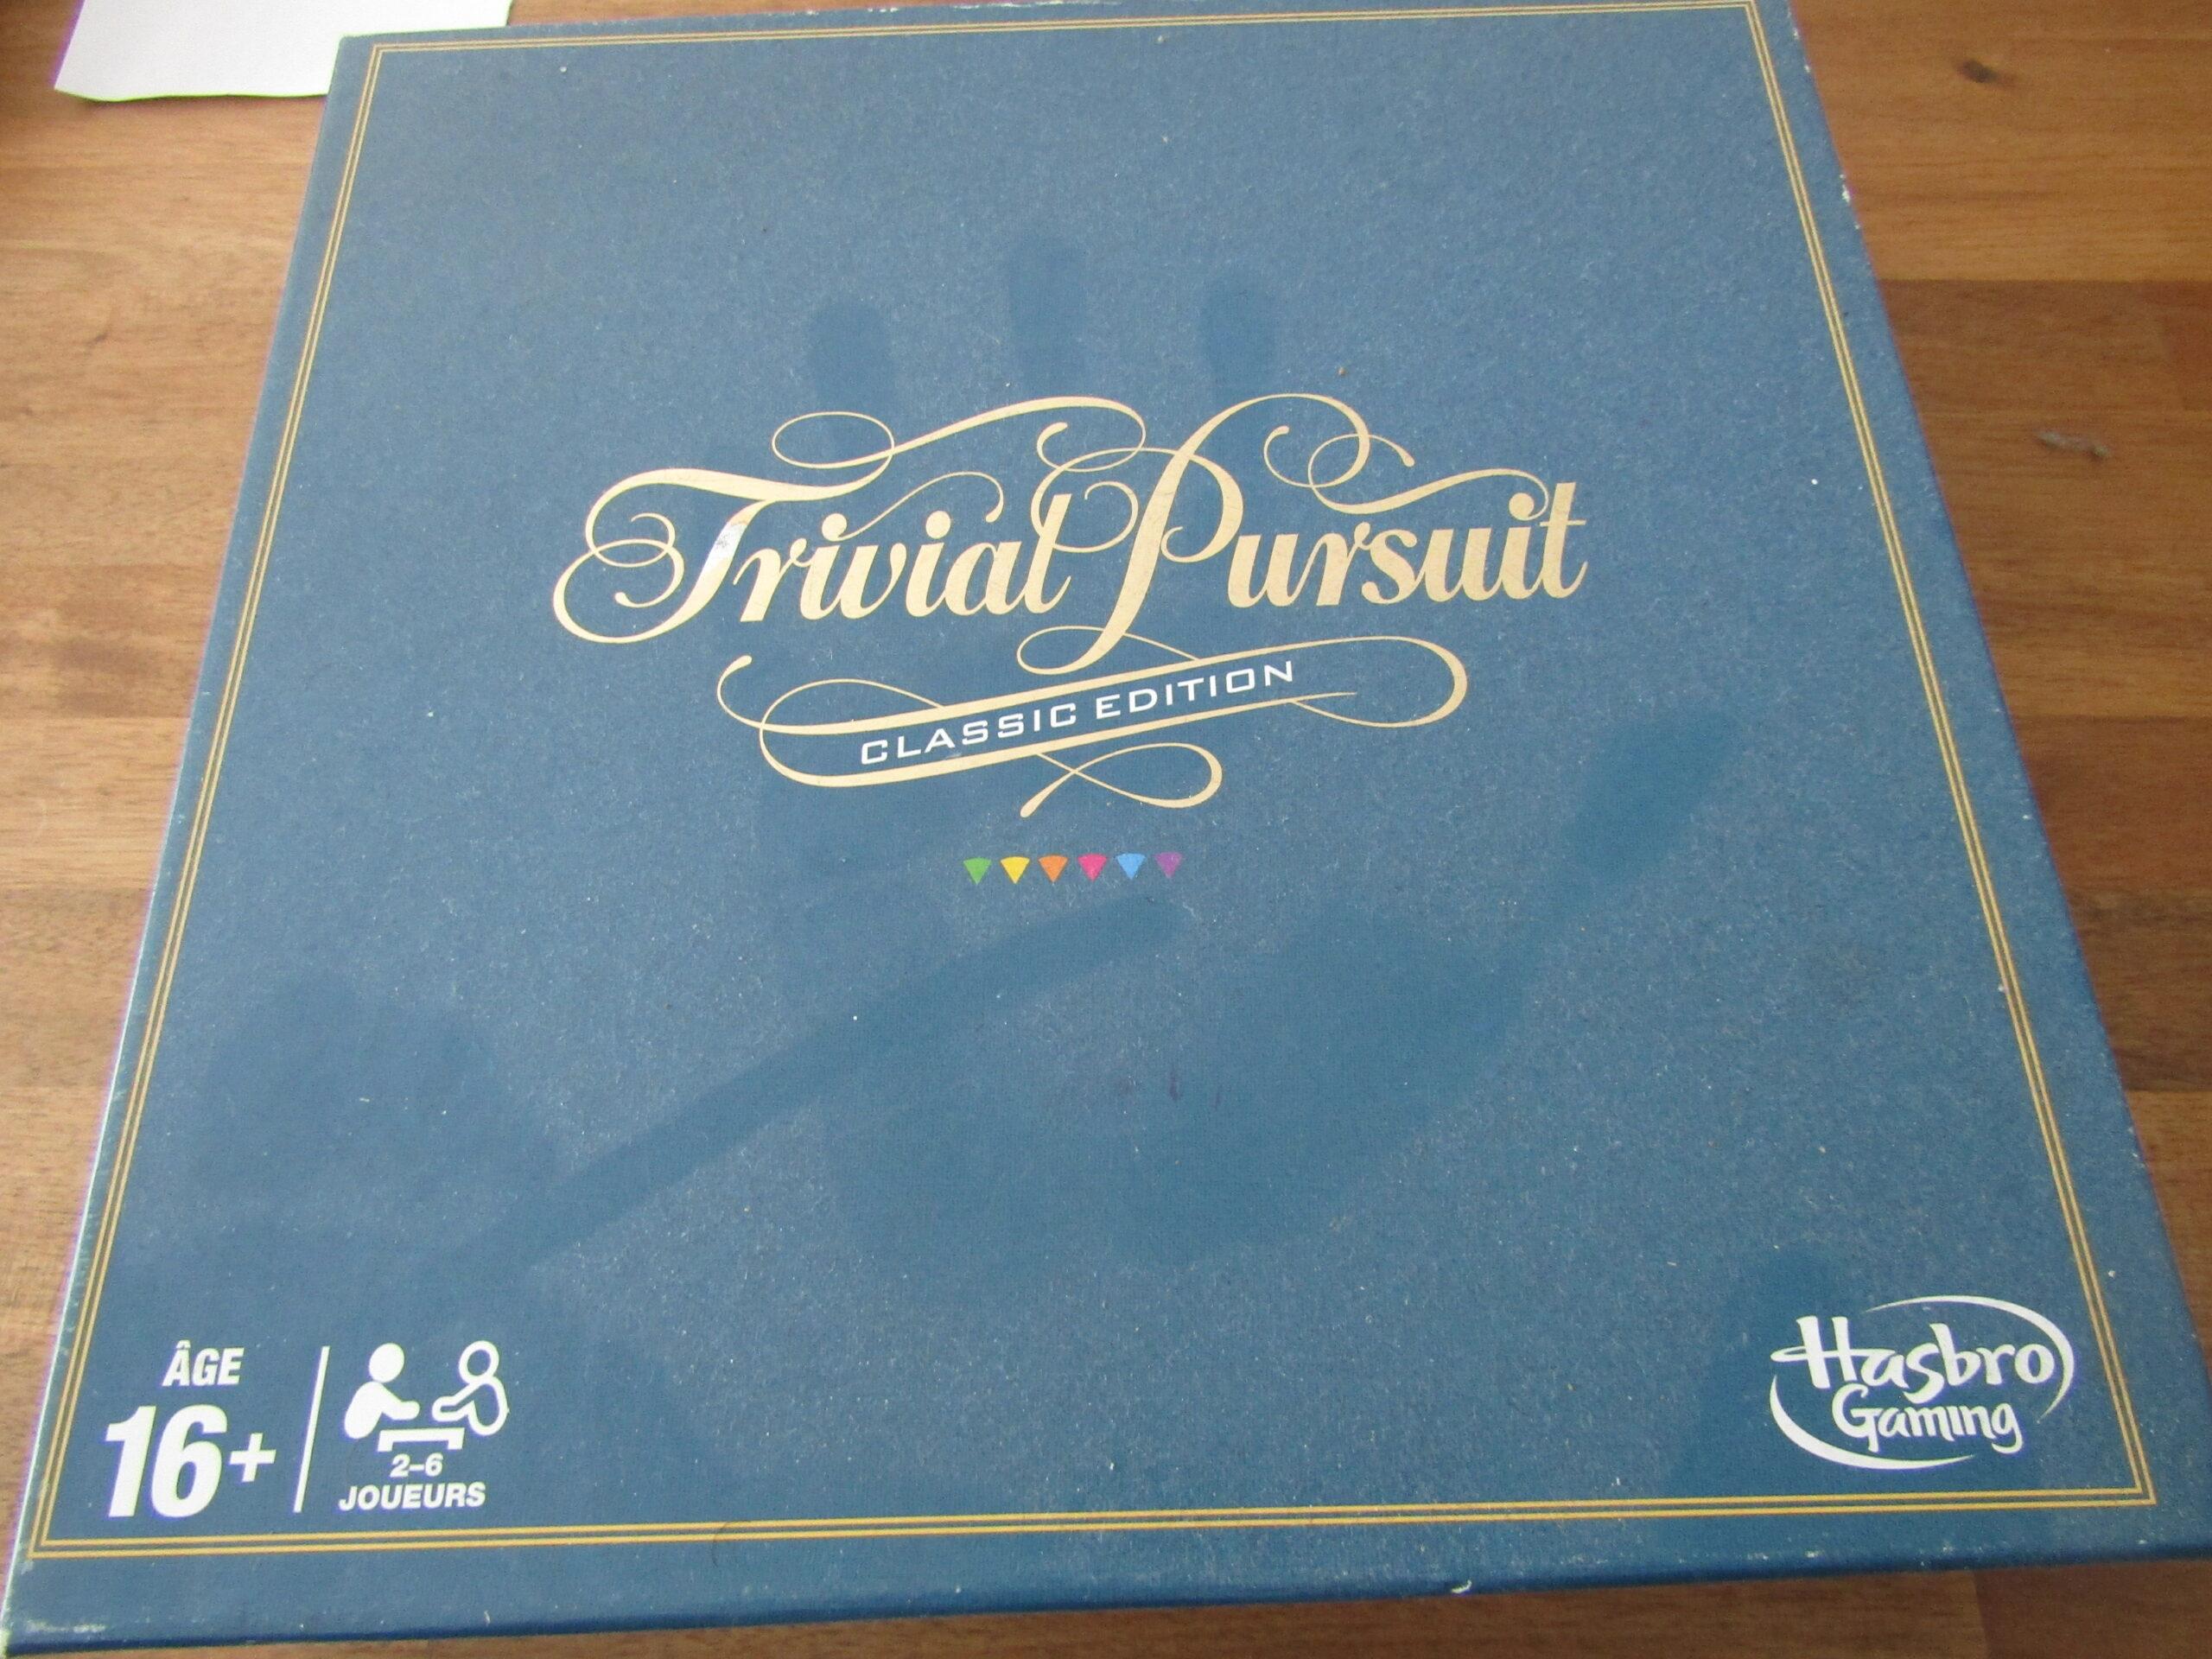 Un jeu de société Trivial Pursuit poussiéreux avec une trace de main sur le carton. Le carton est de couleur unie avec le nom du jeu par-dessus, au centre de la boîte.